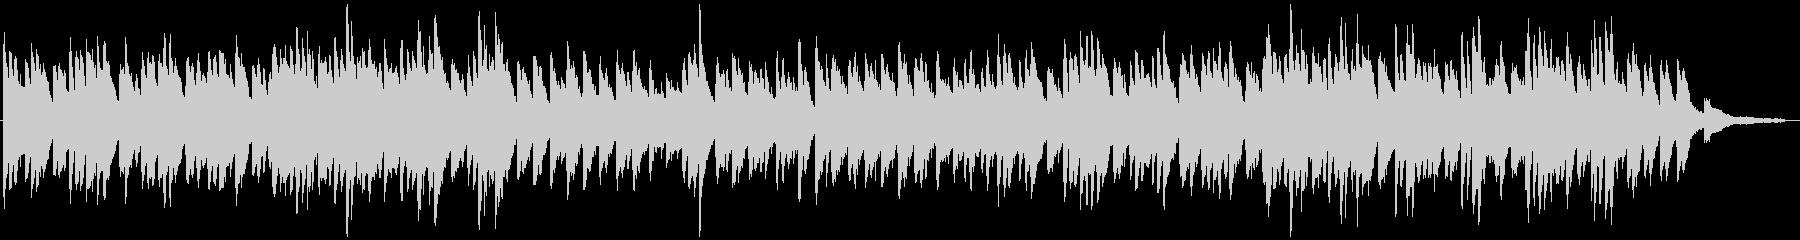 耳に残るファンタジックピアノの未再生の波形